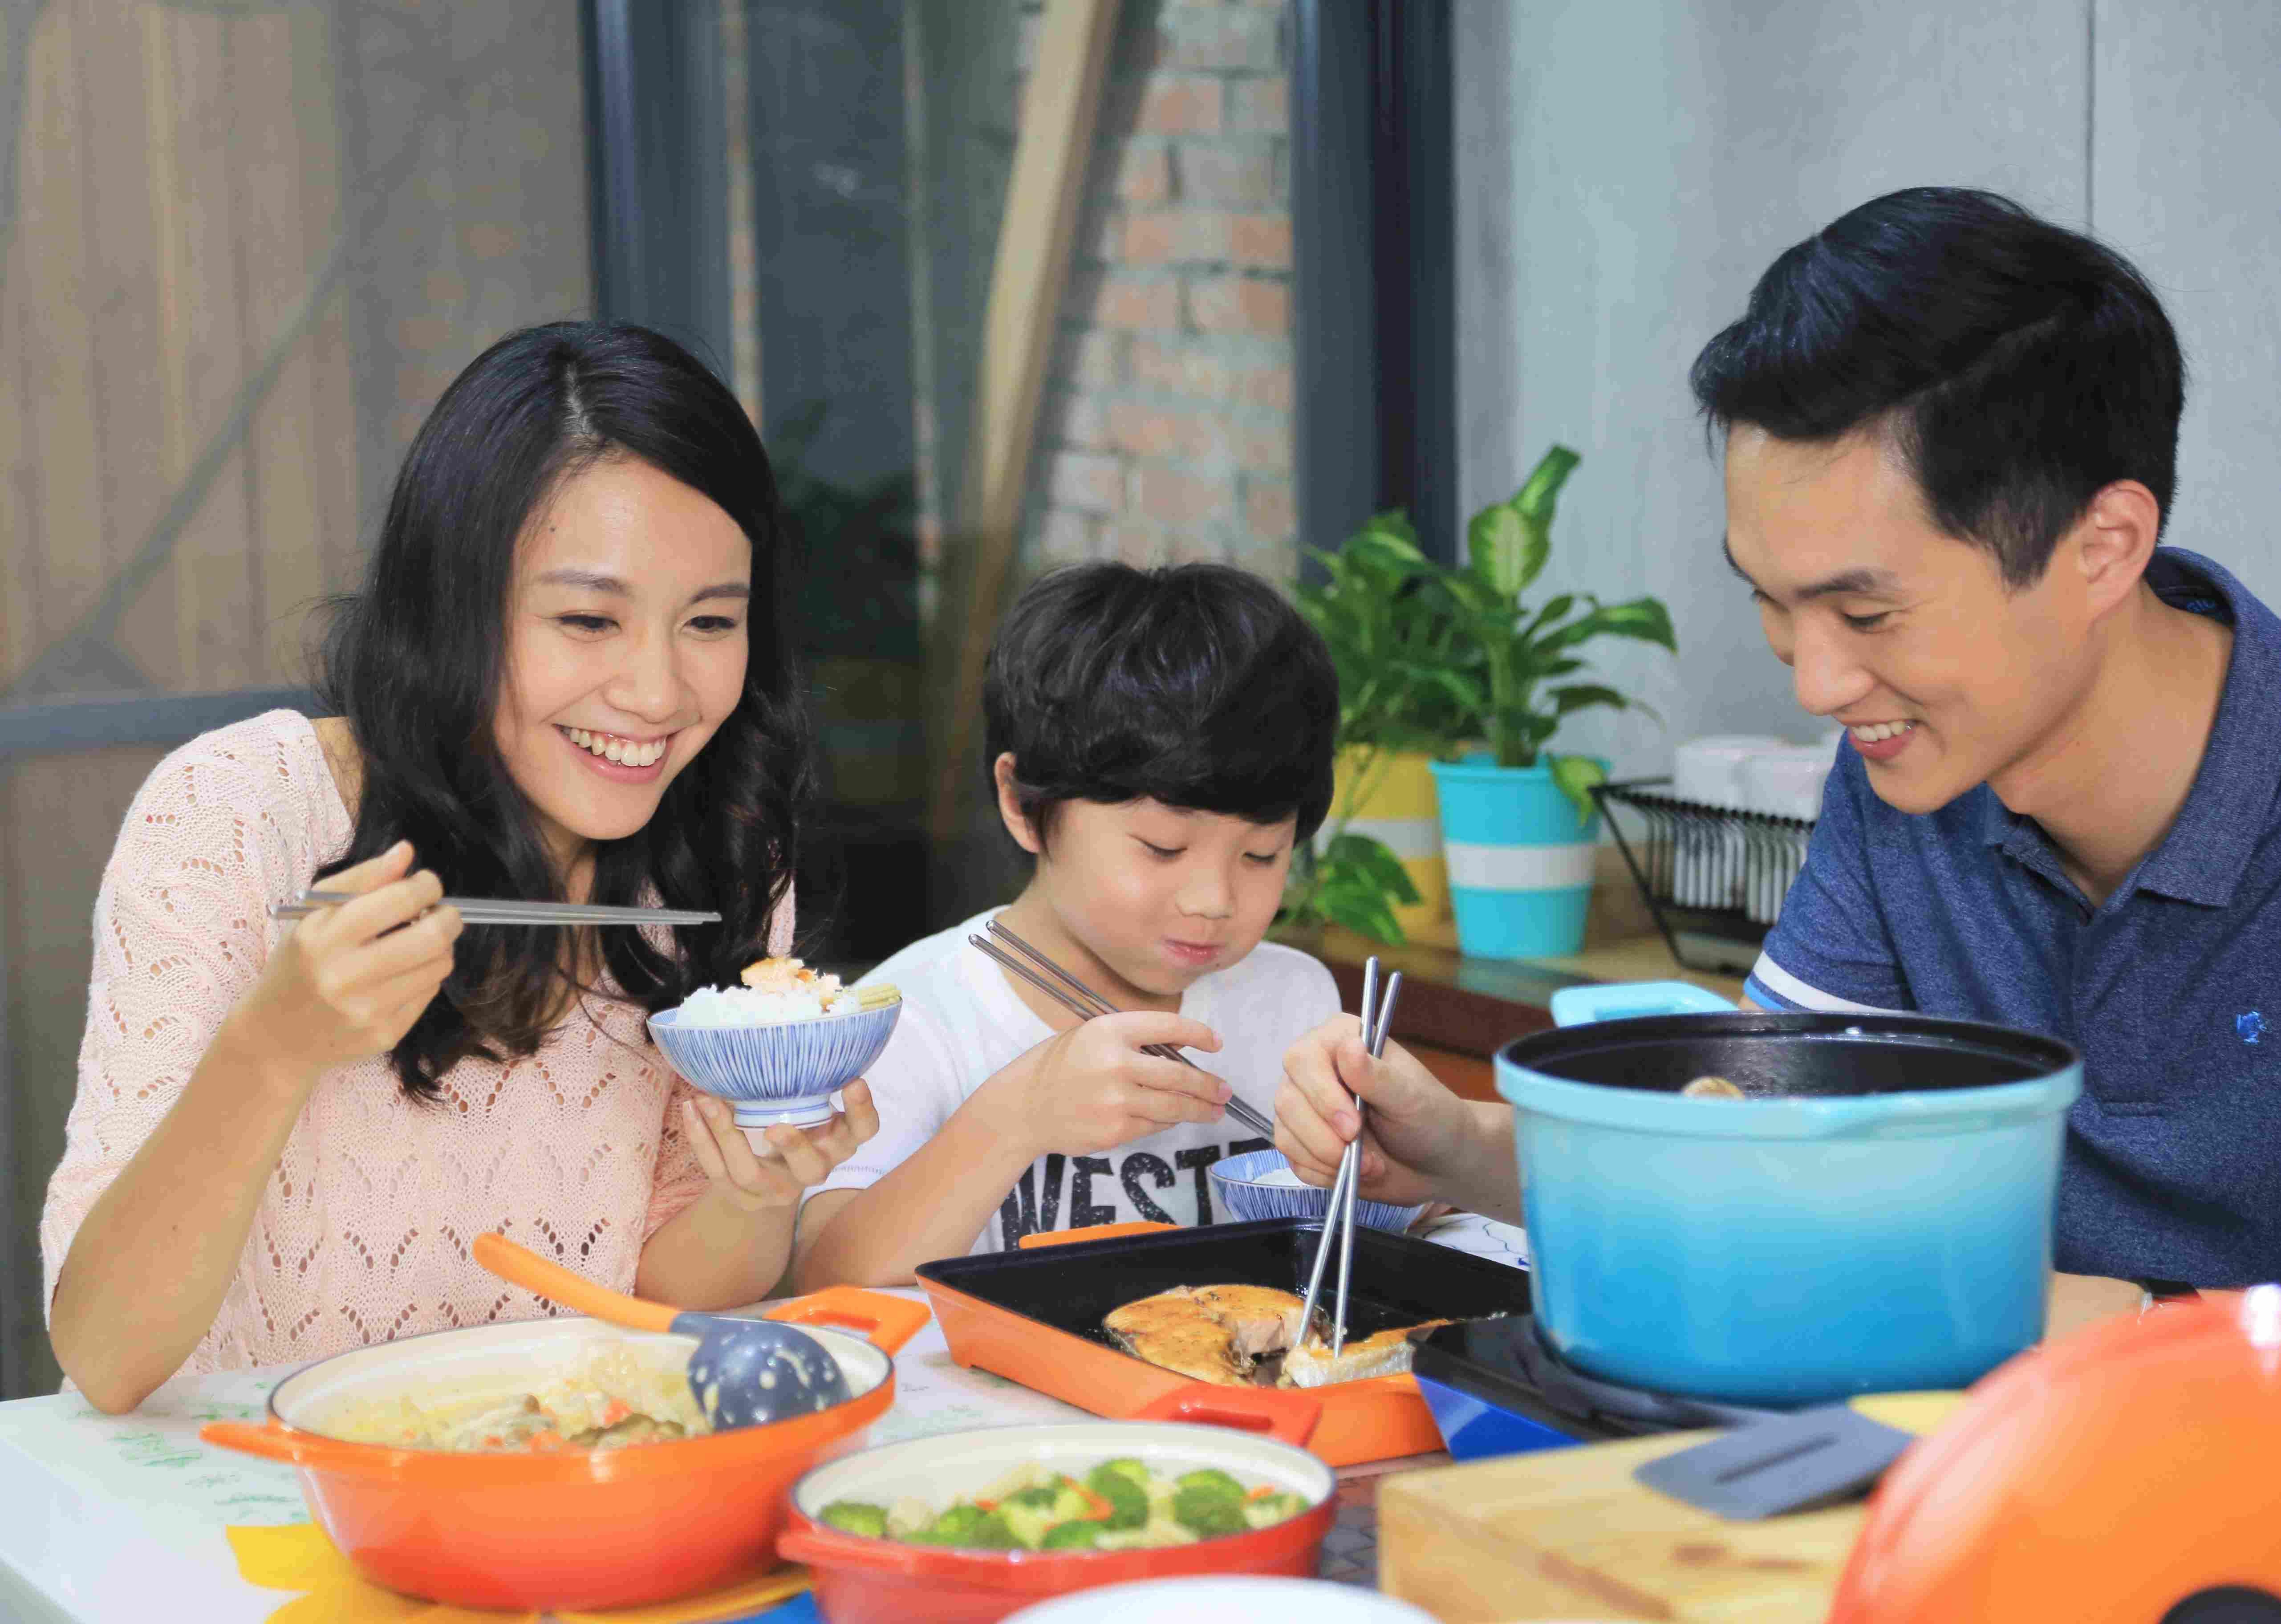 用無廚房料理串起家人和朋友間的情感連結